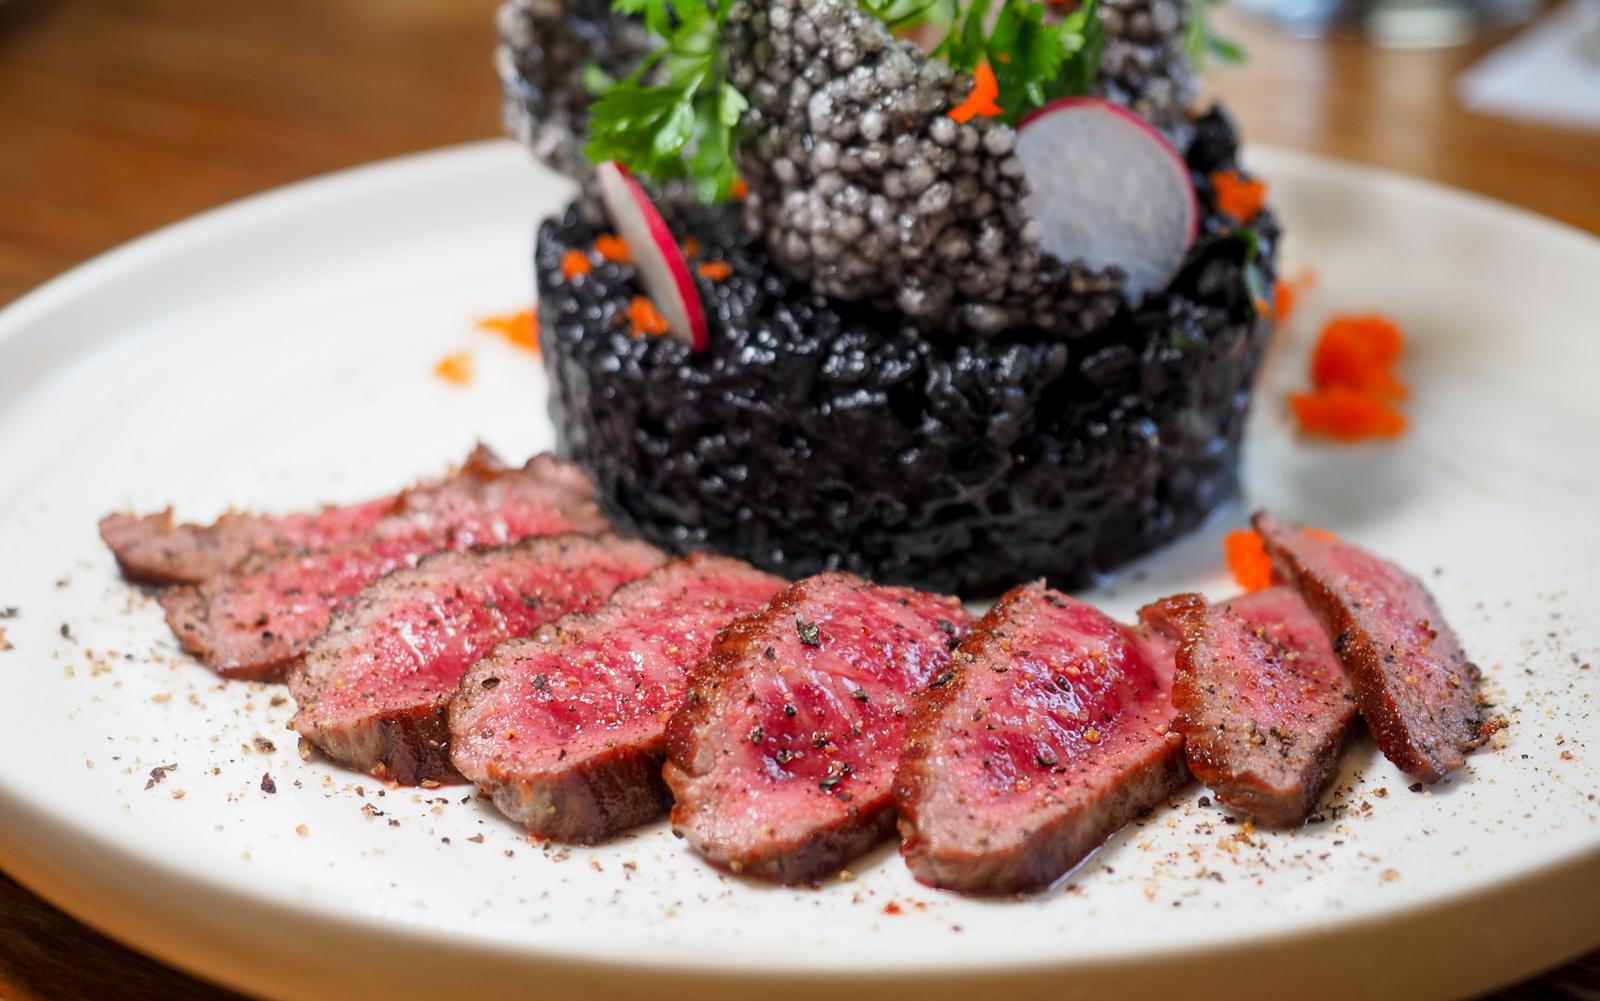 【板橋餐酒館推薦】想聚 MR.JARDENG 隱藏在住宅區的絕妙餐酒館 好拍好吃又好玩!